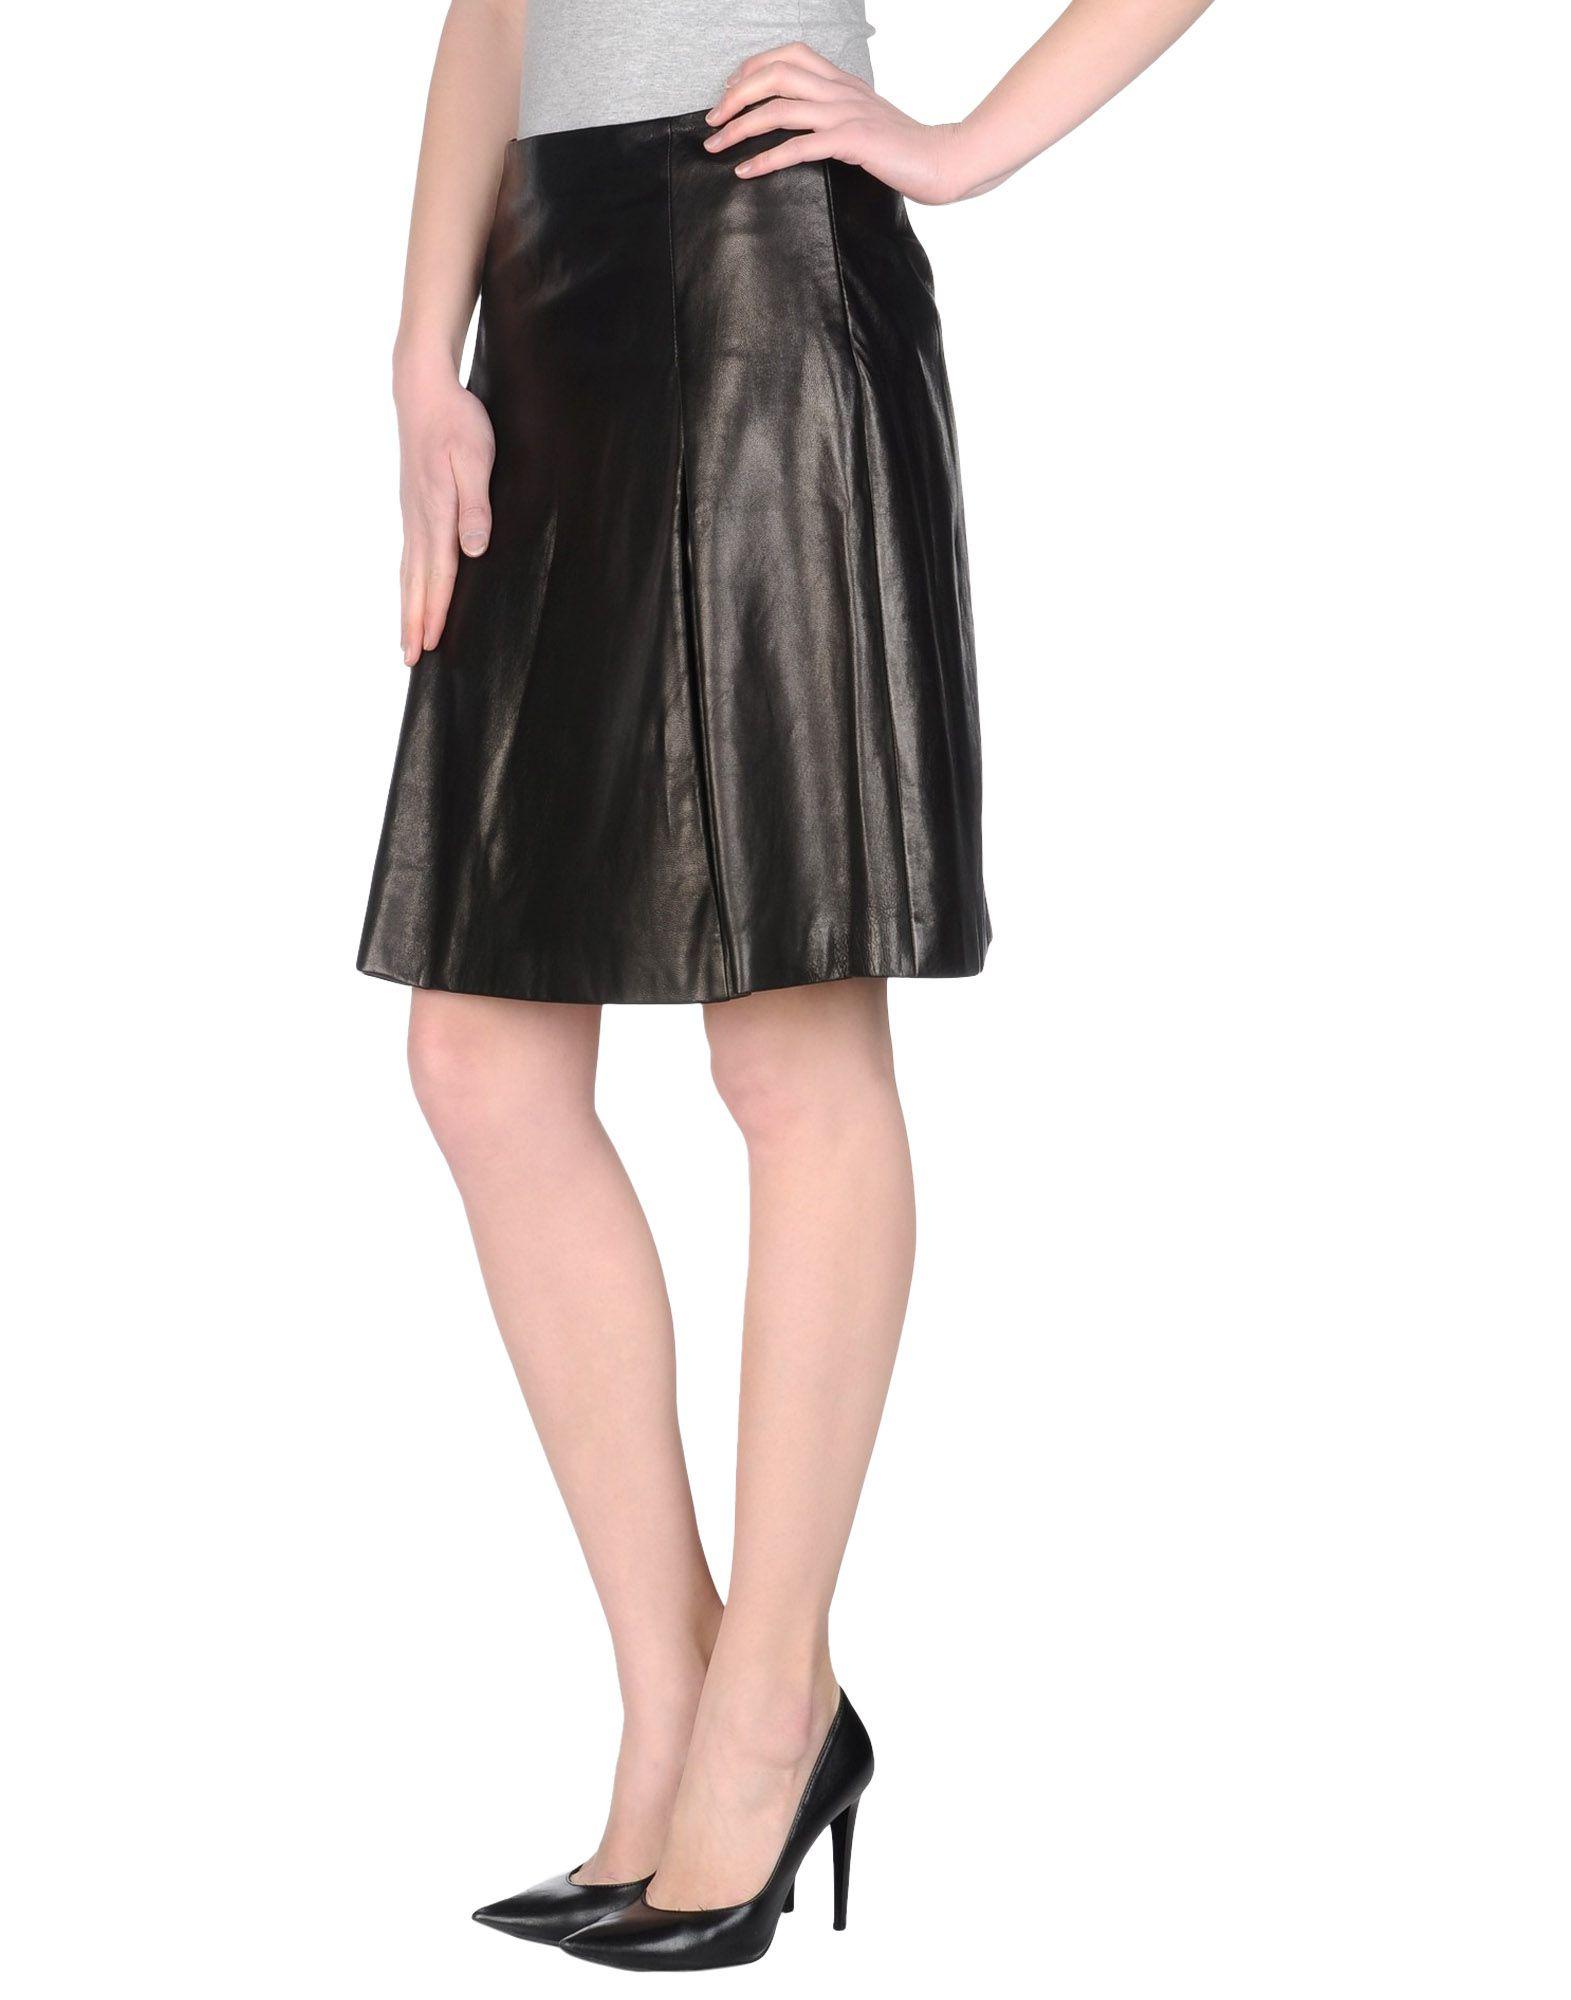 jil sander navy leather skirt in black lyst